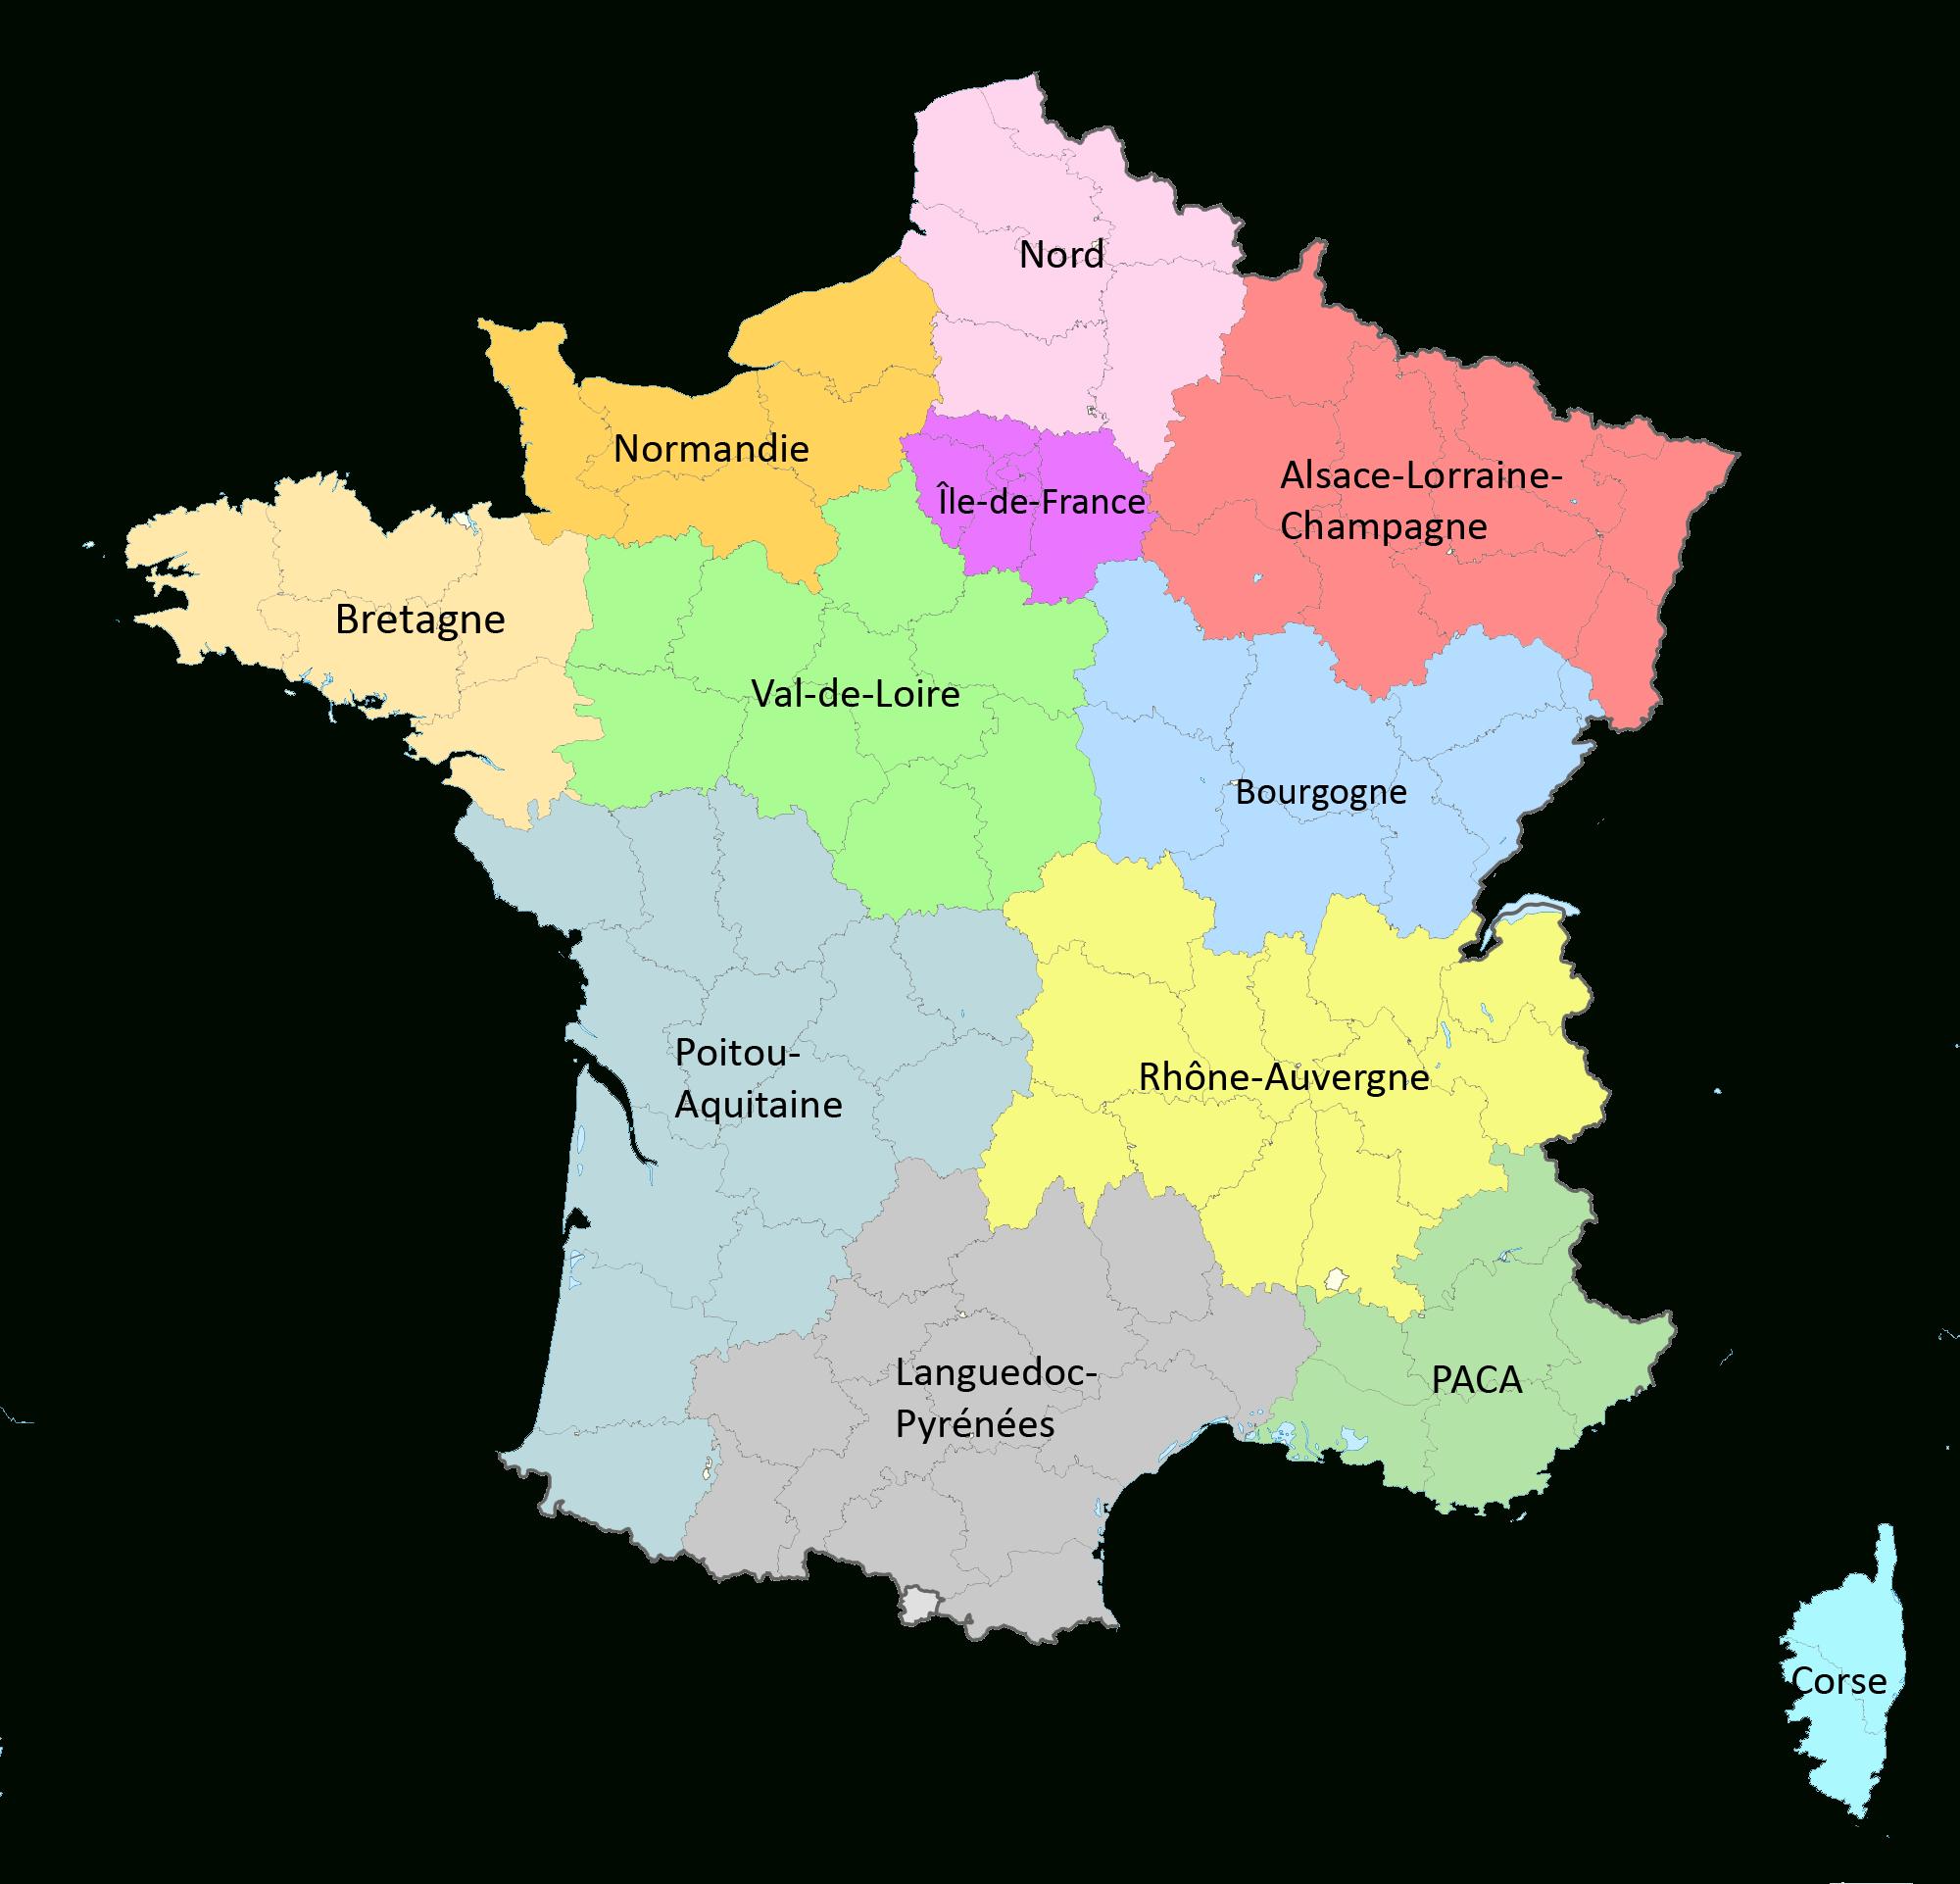 Réforme Territoriale : Une Nouvelle Carte À 12 Régions concernant Nouvelles Régions De France